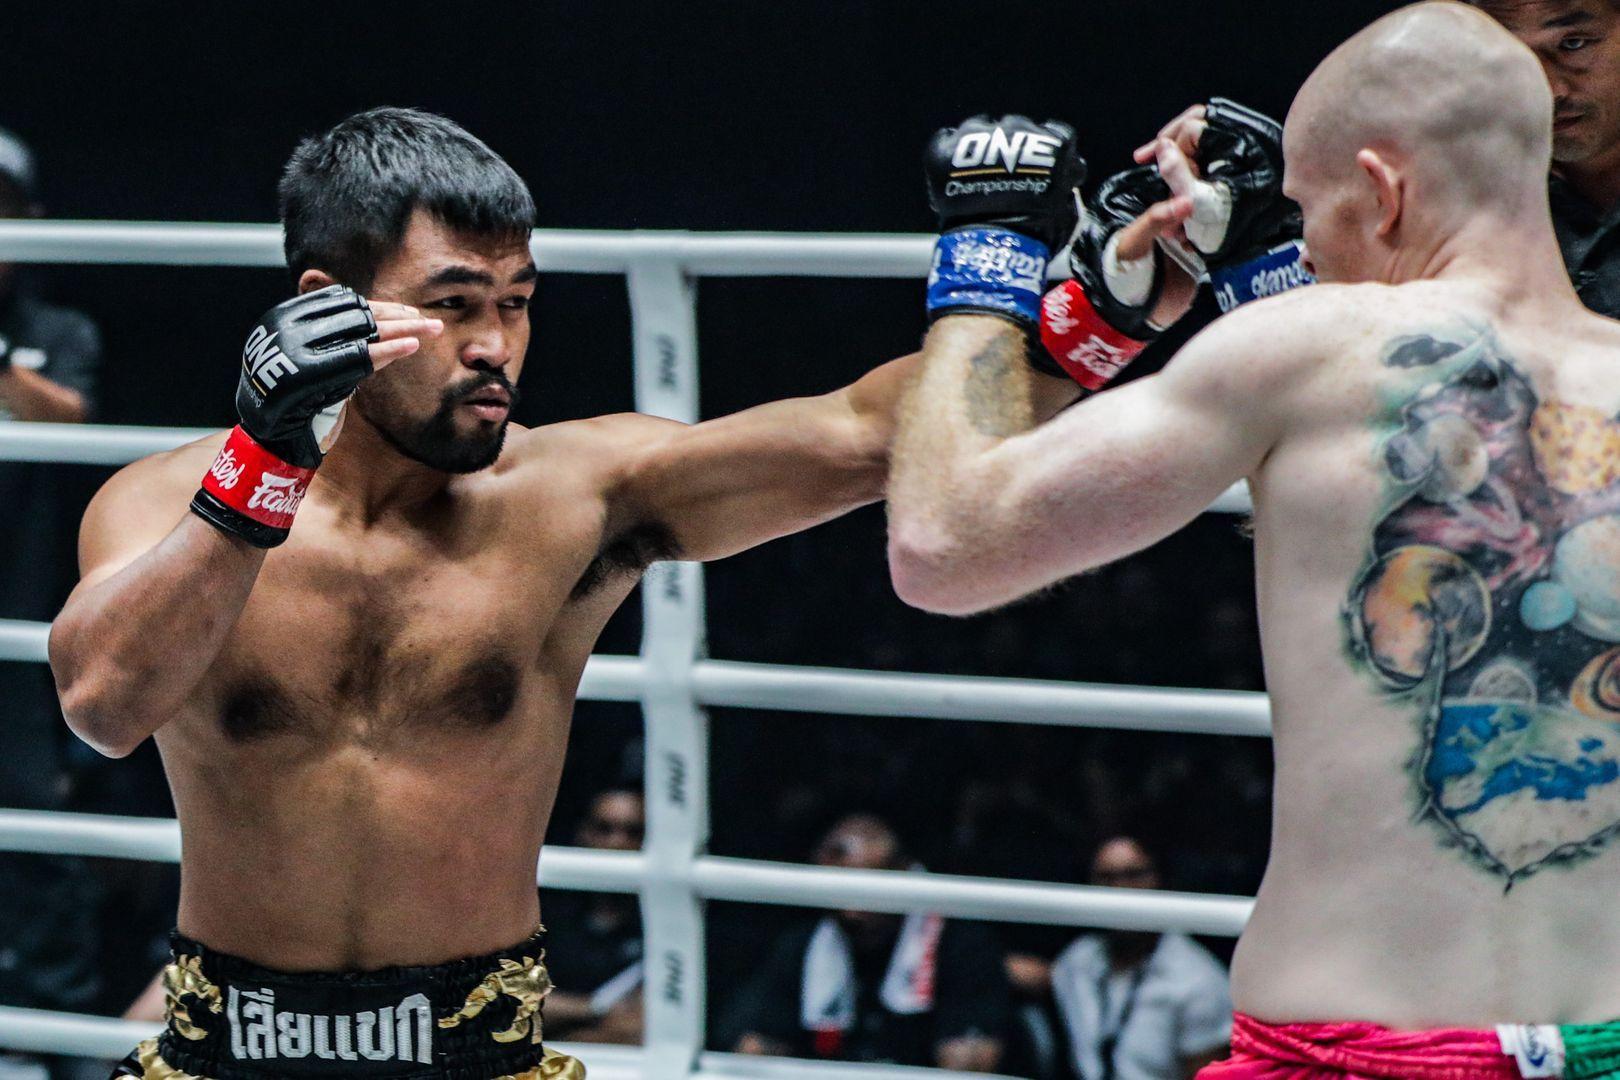 Rodlek PK.Saenchaimuaythaigym defeats Andrew Miller